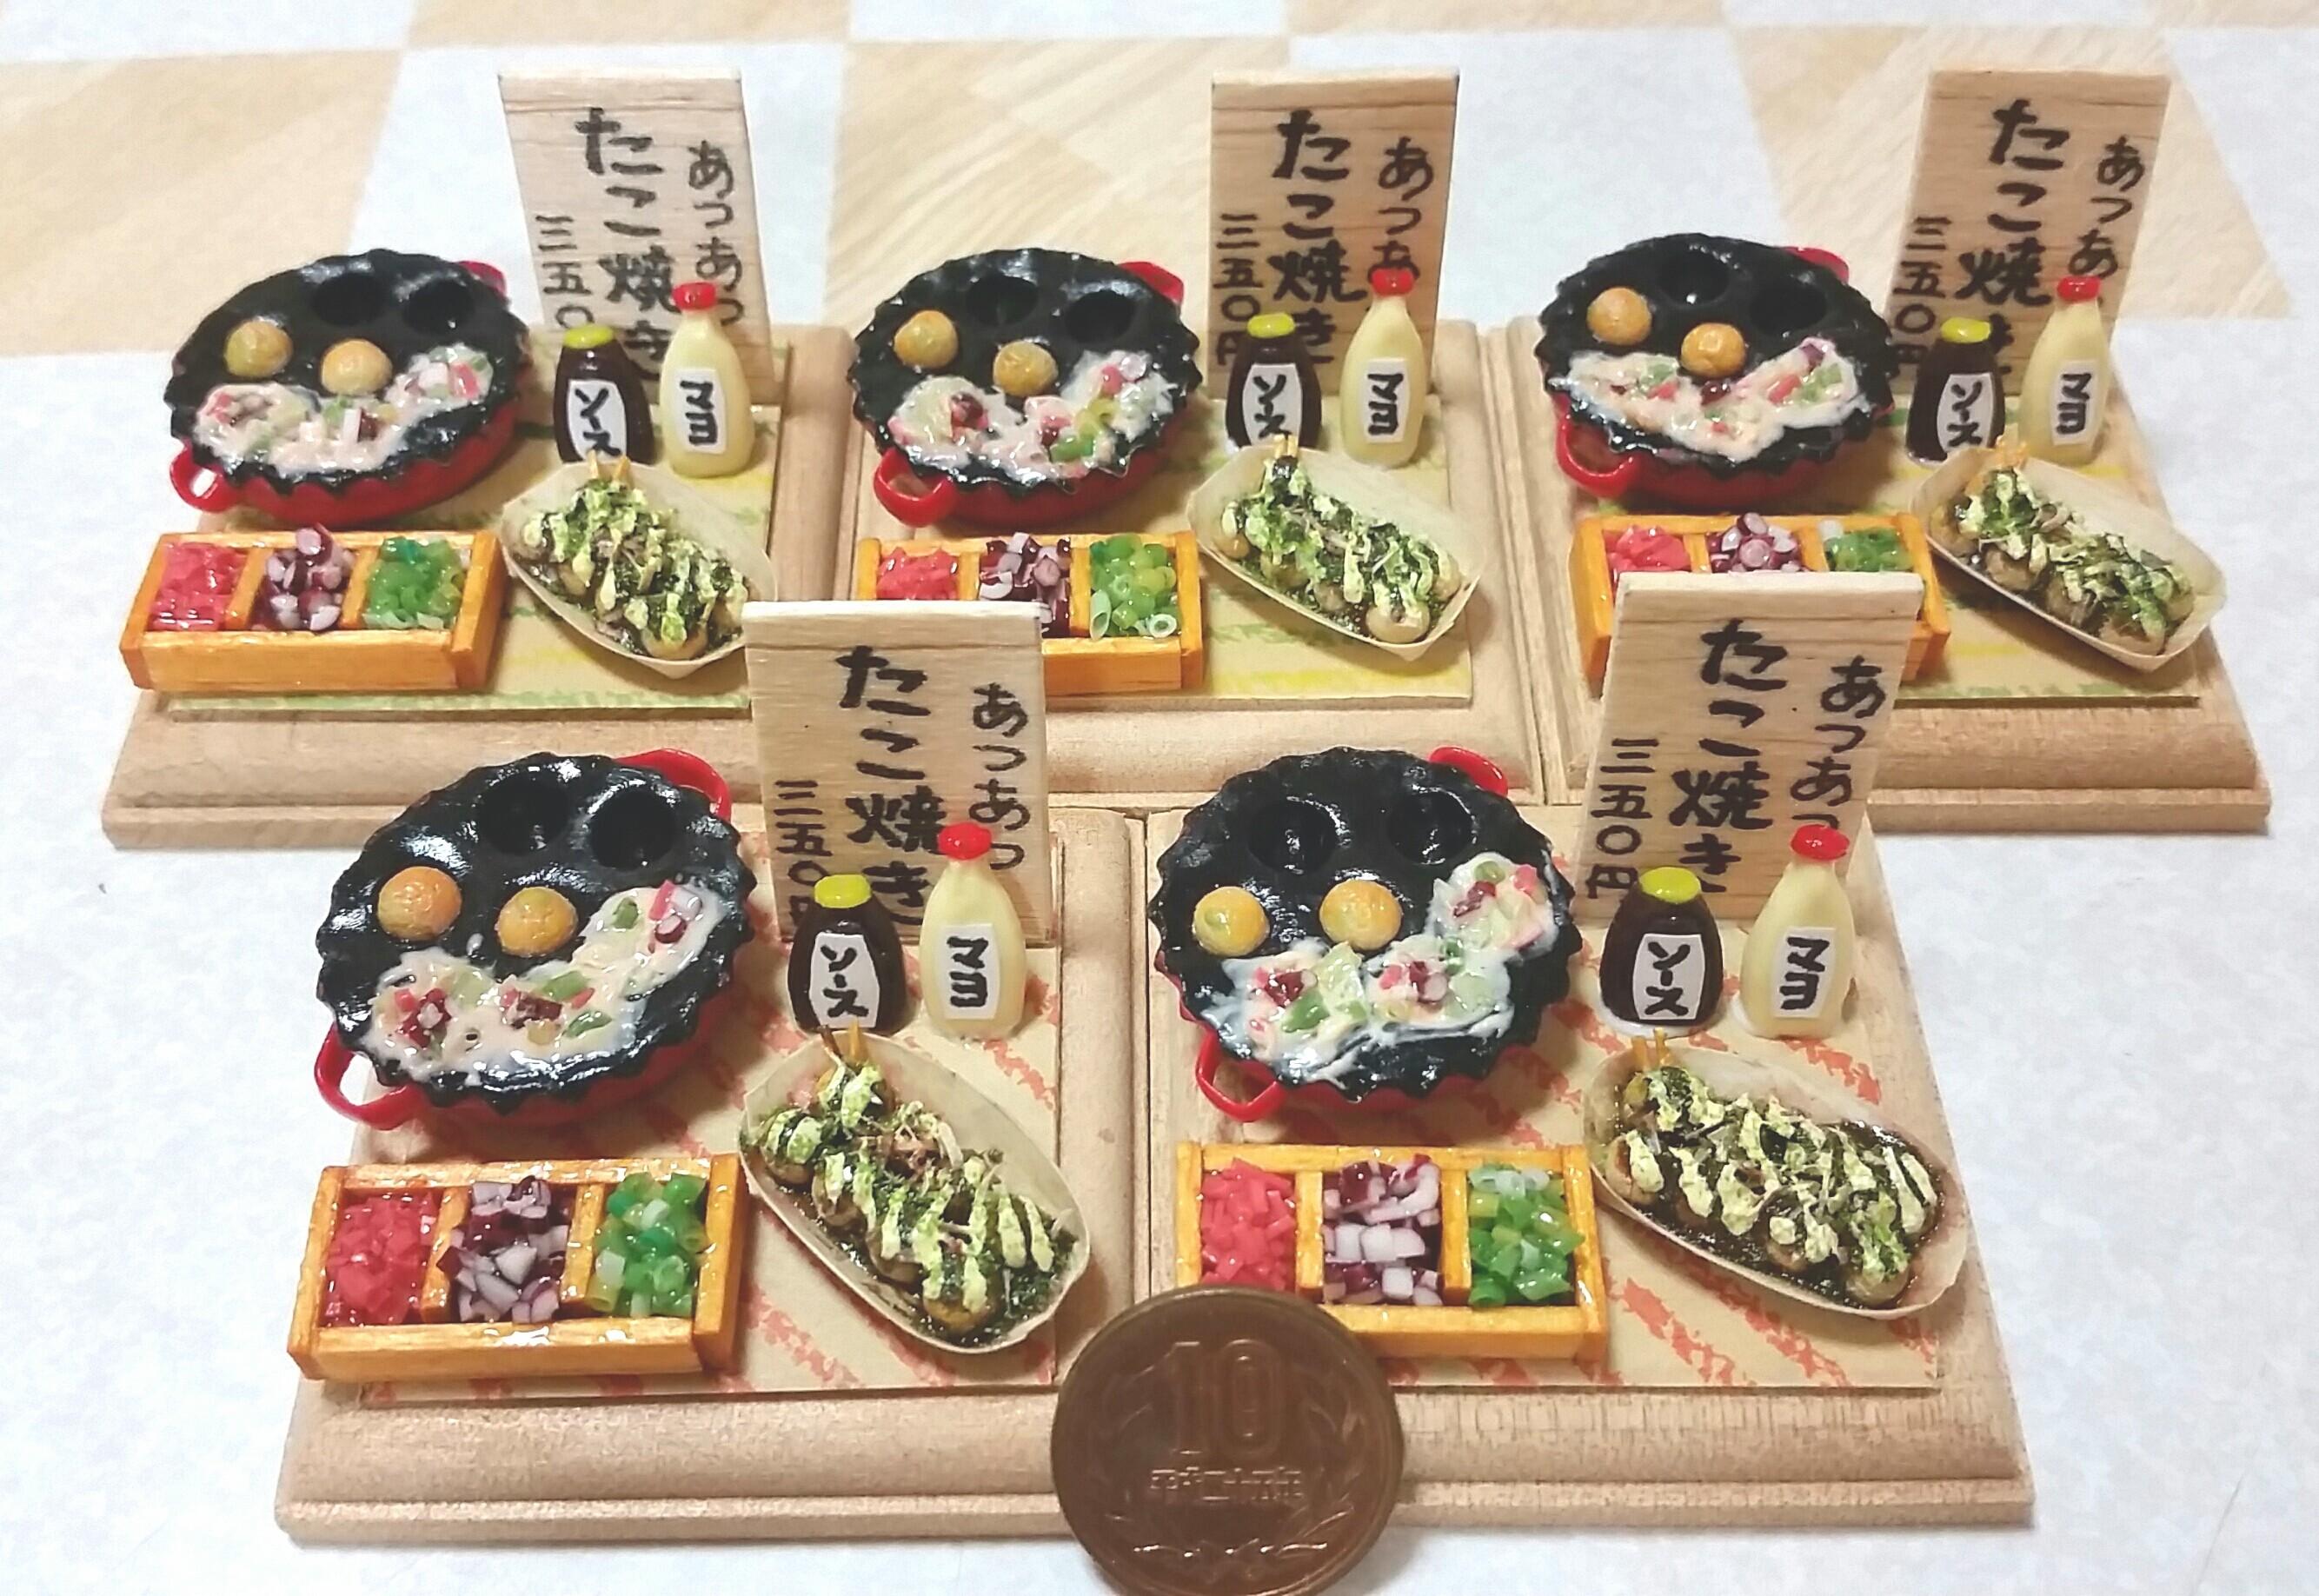 ミニチュアフード製作,手作り,おいしい大阪名物たこ焼き,樹脂粘土